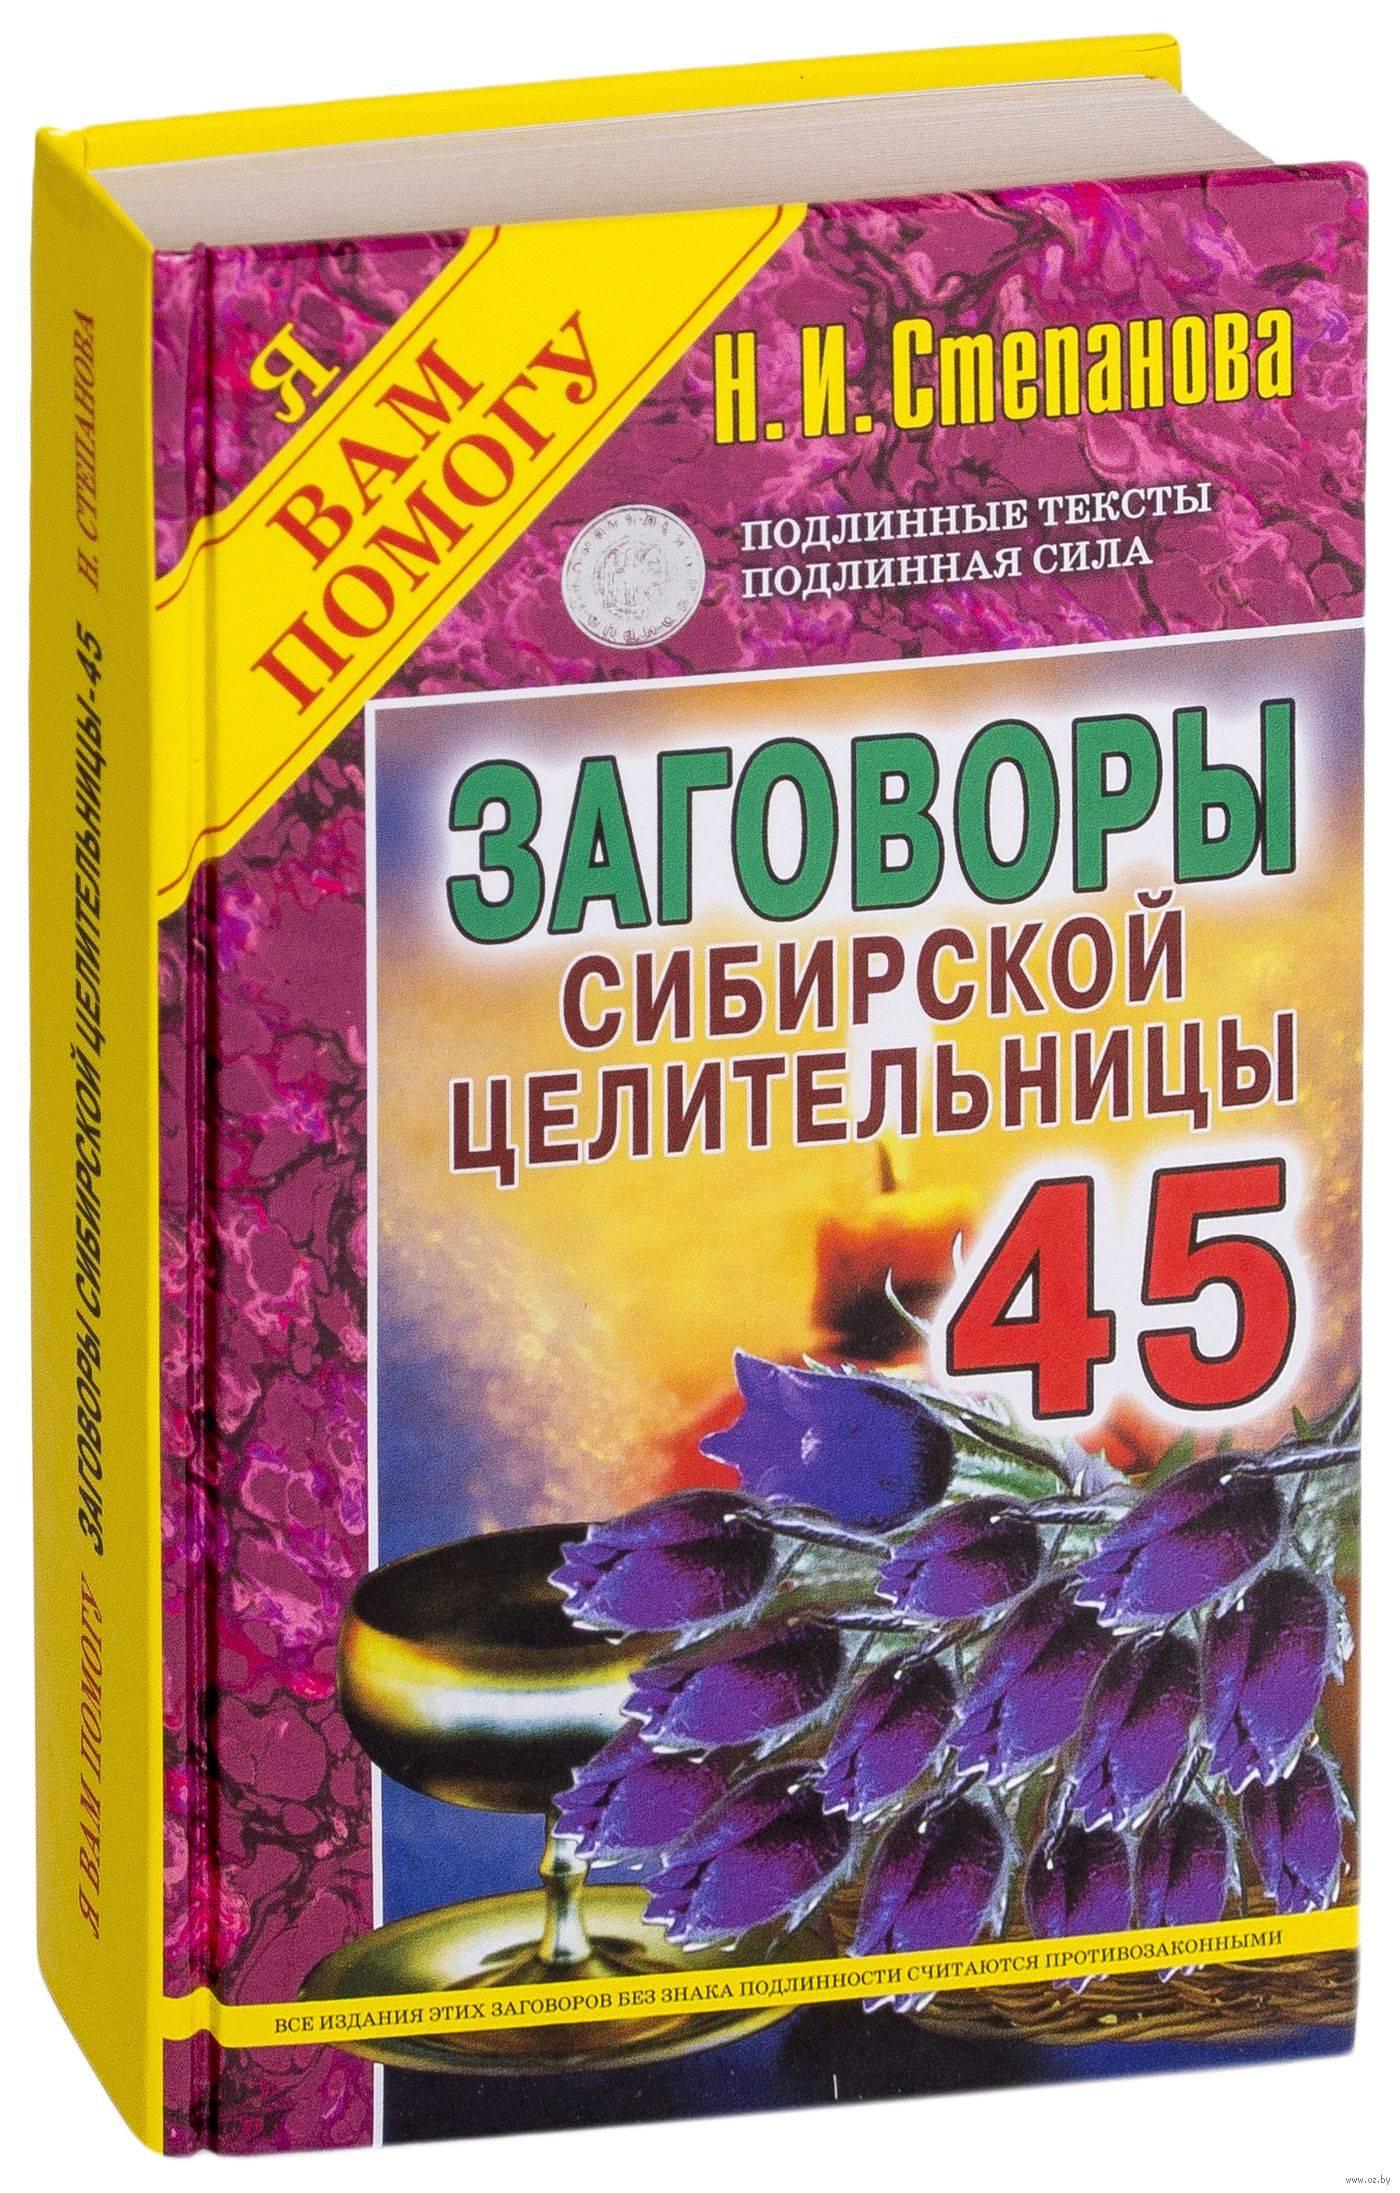 Сила потомственных магов: заговоры сибирской целительницы натальи степановой